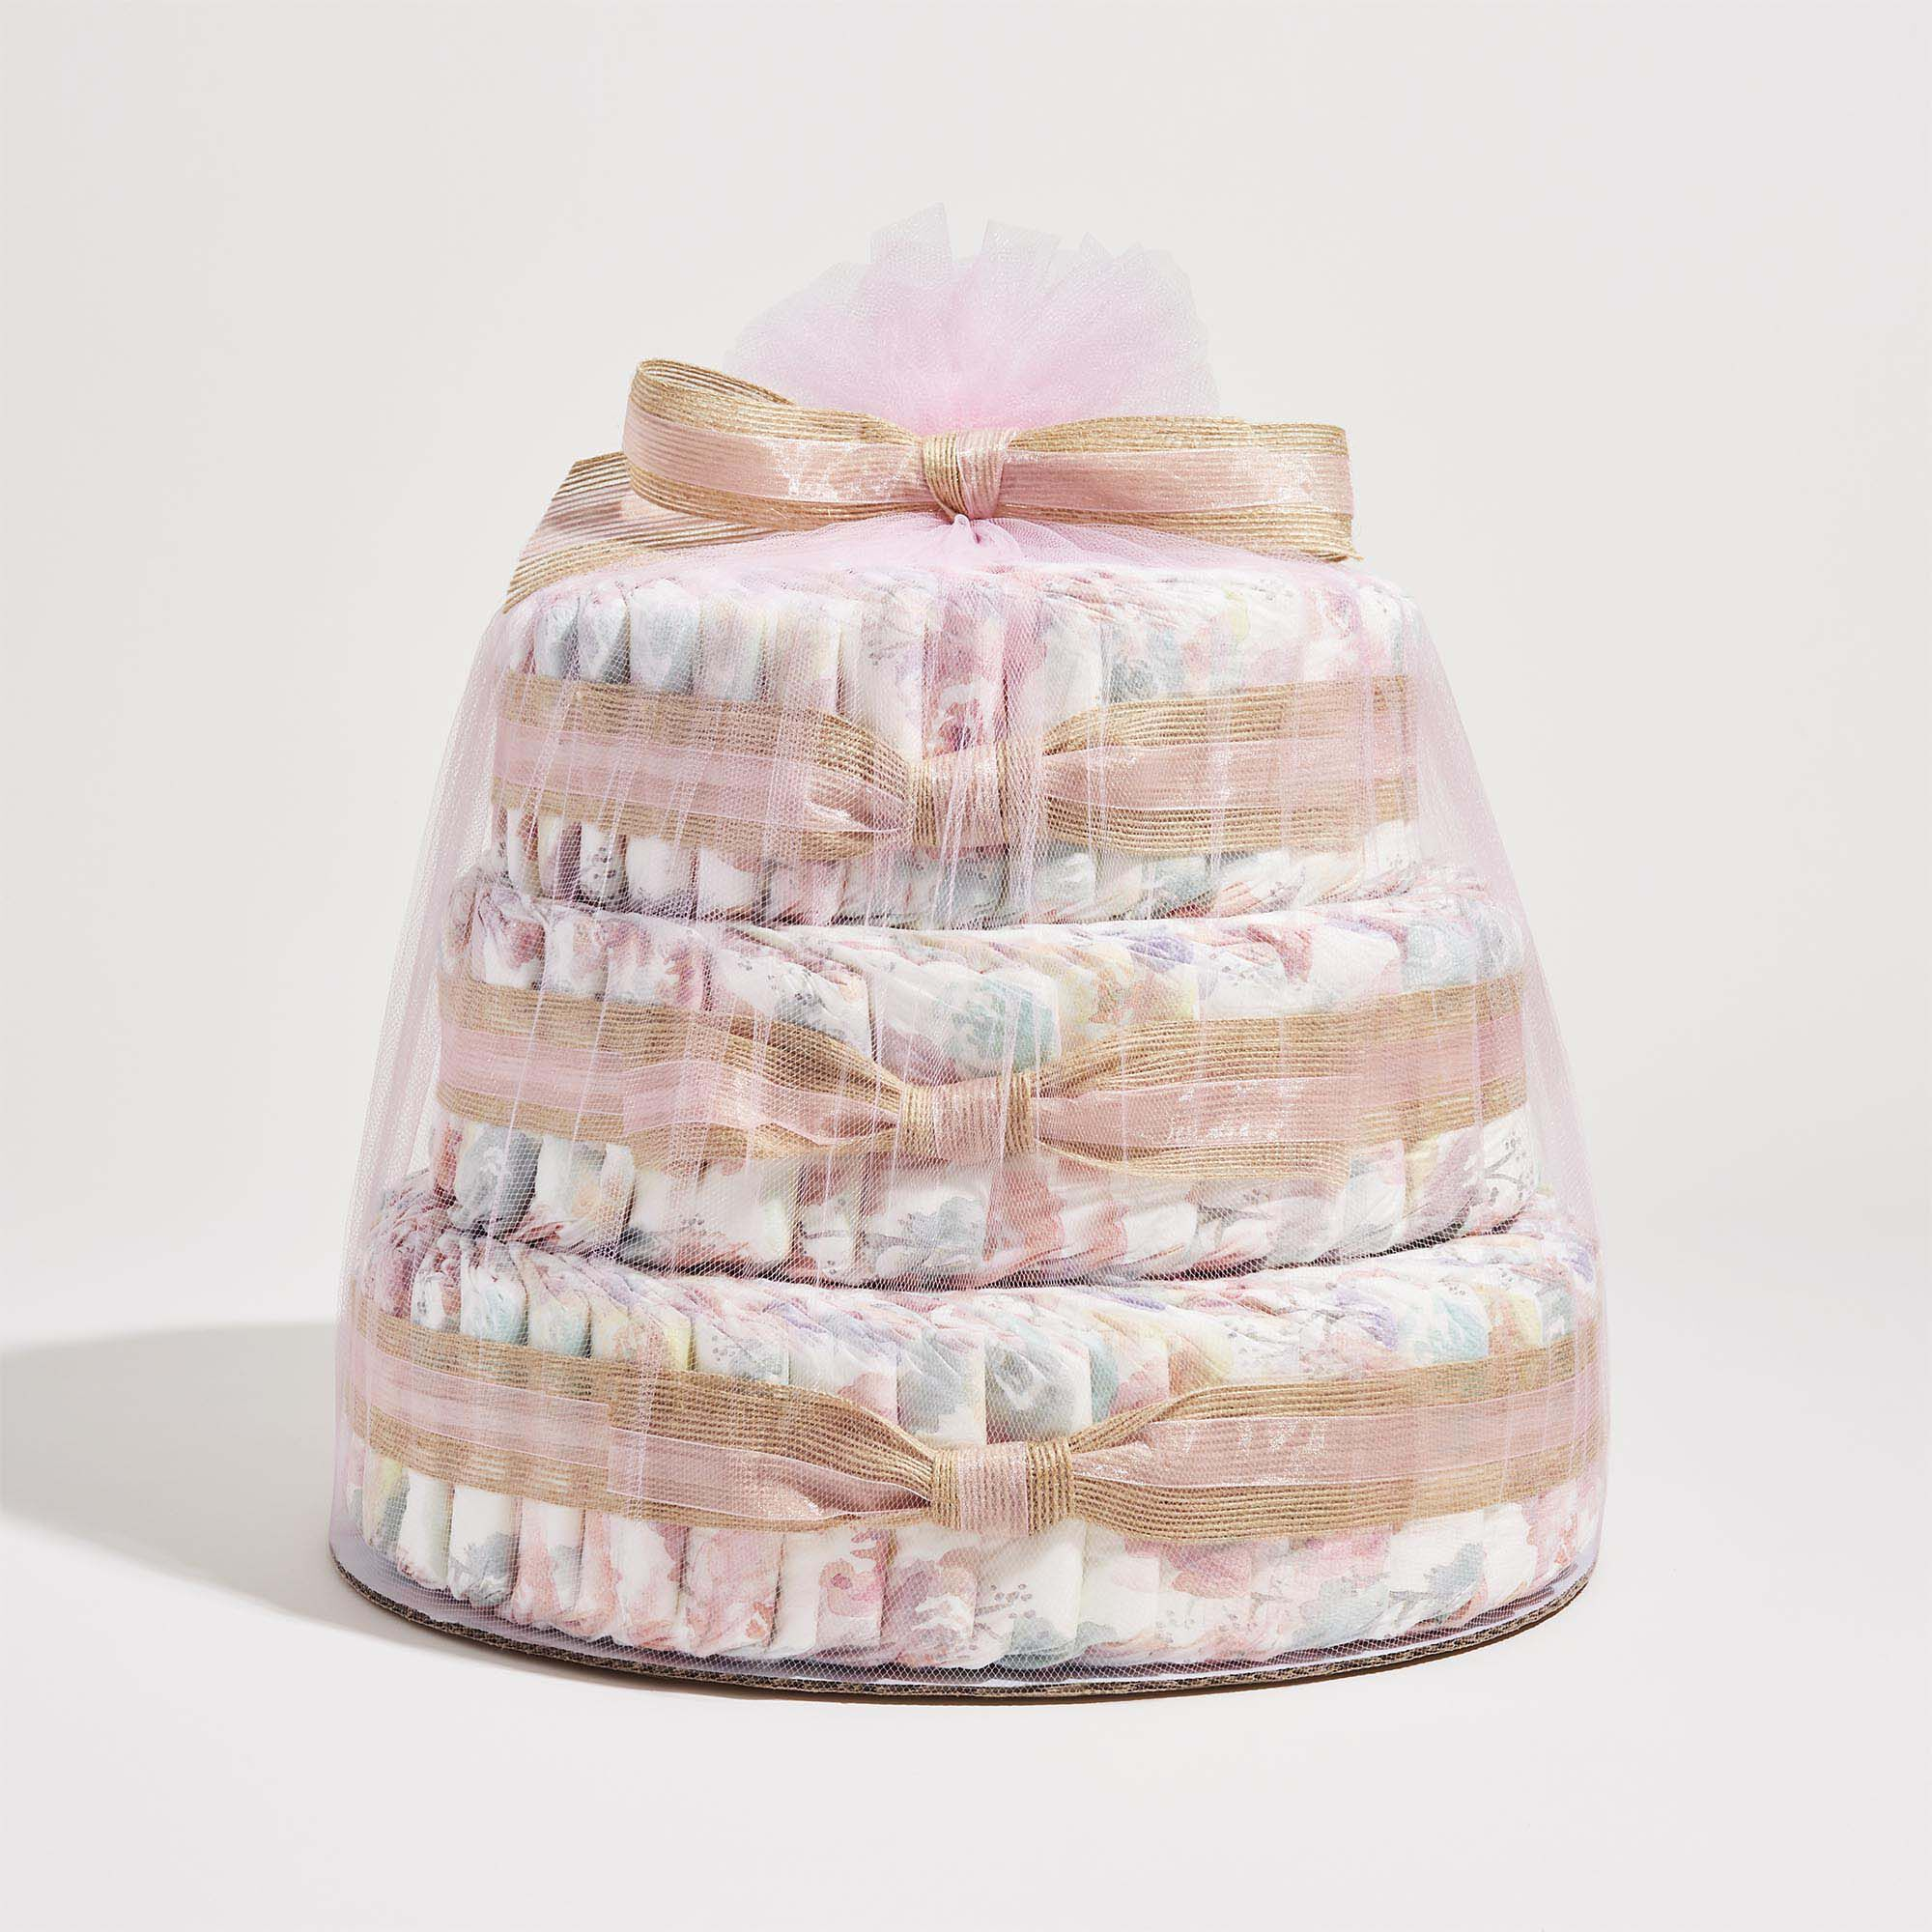 Rose Blossom Printed Diaper Cake